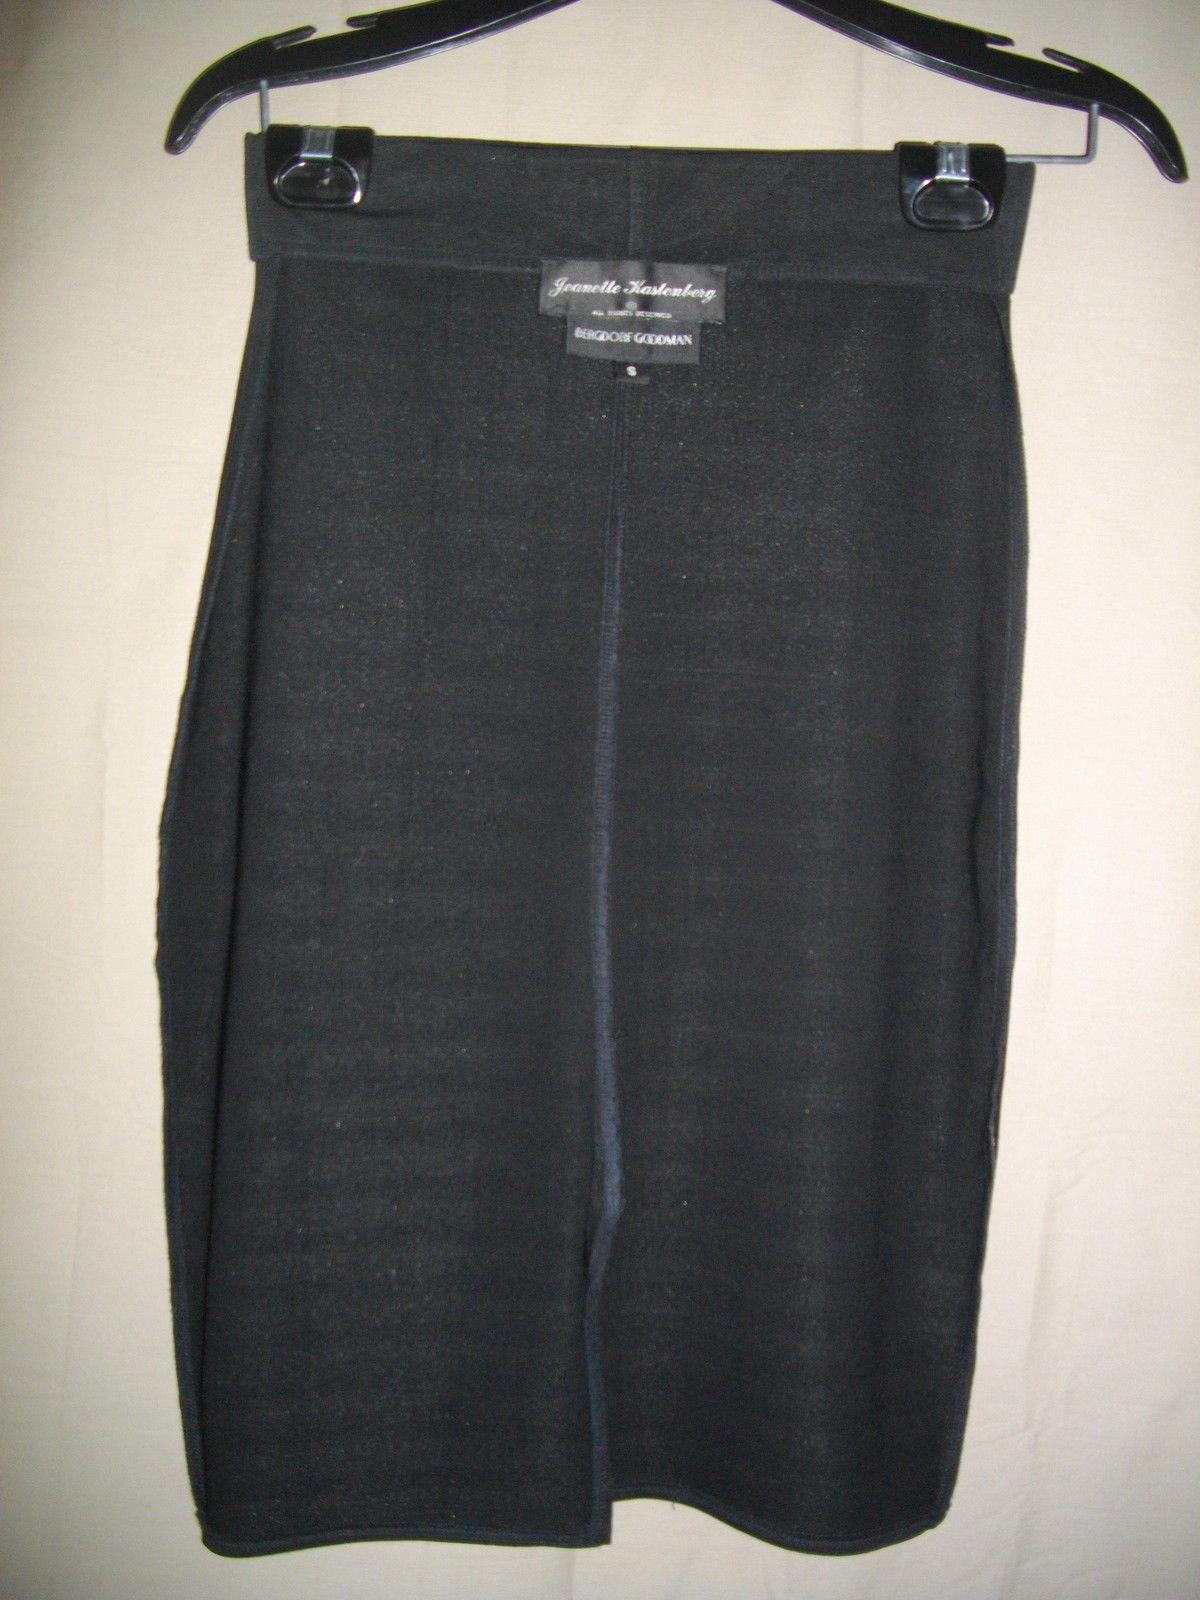 Jeanette Kastenberg Bergdorf Goodman Black Small S Career Below the Knee Skirt